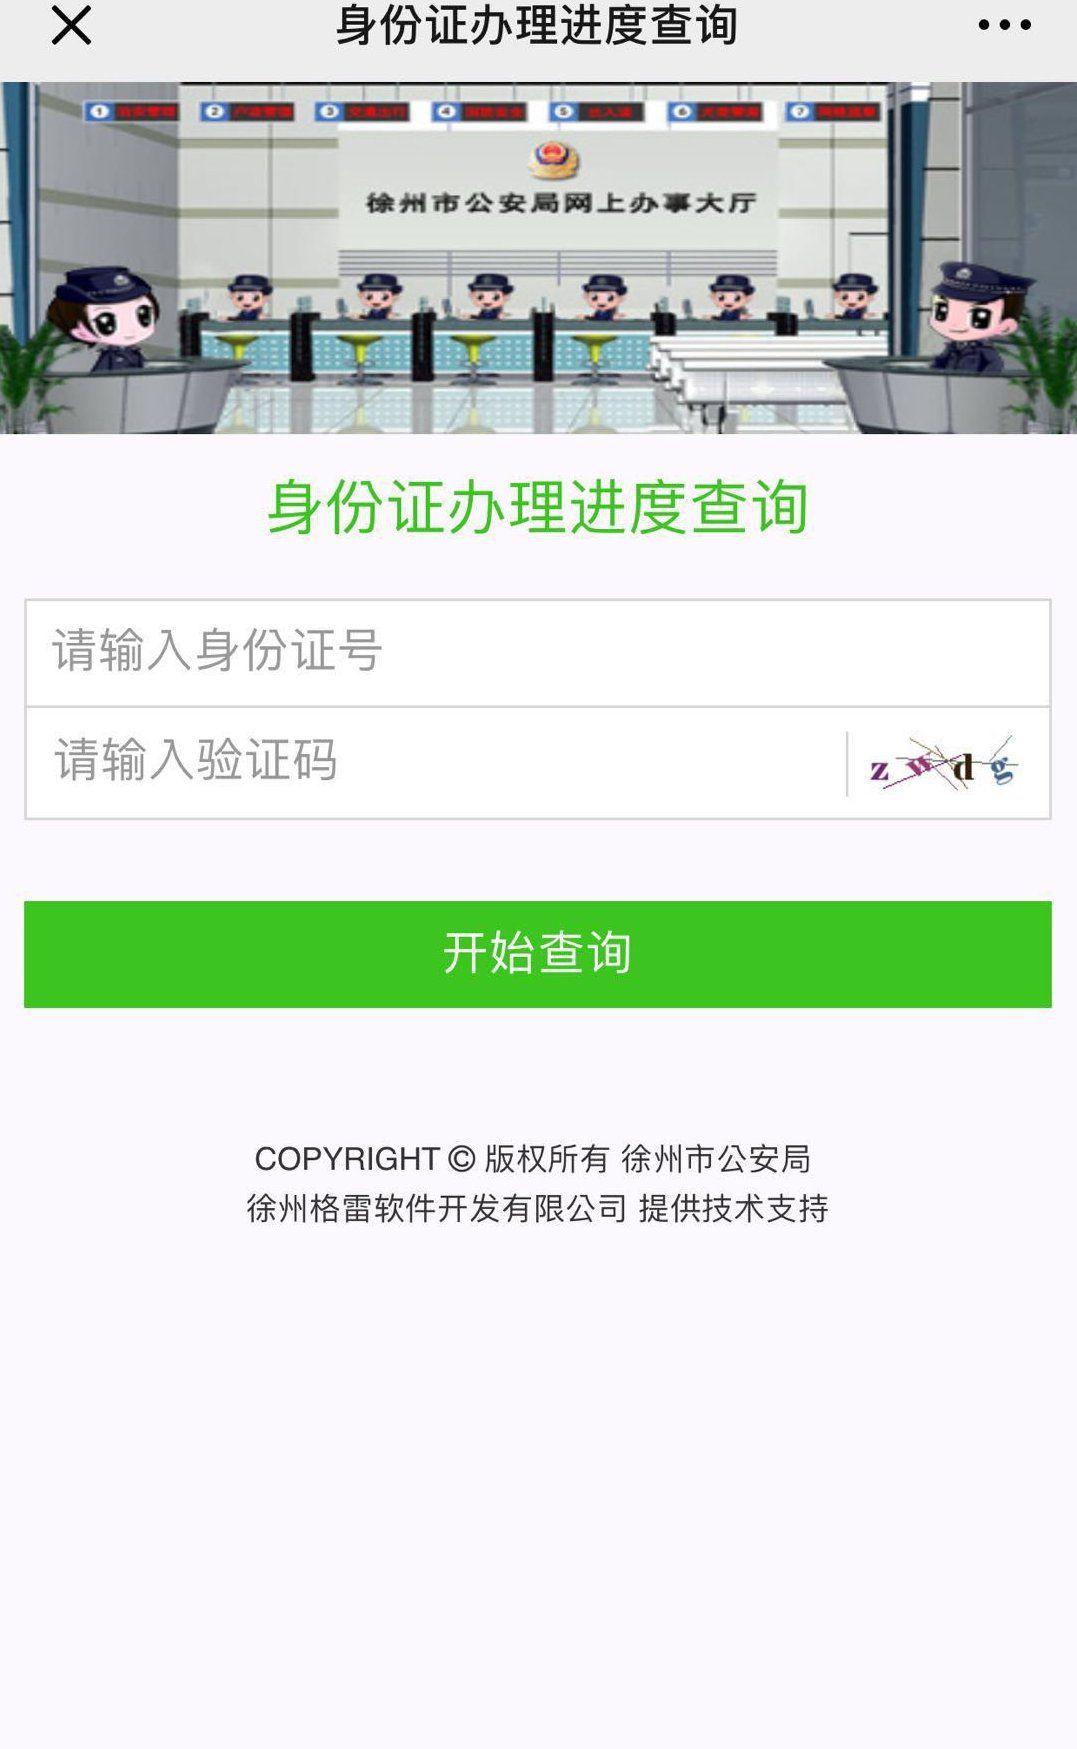 身份证办理进度_徐州身份证办理进度查询网上查询系统- 徐州本地宝